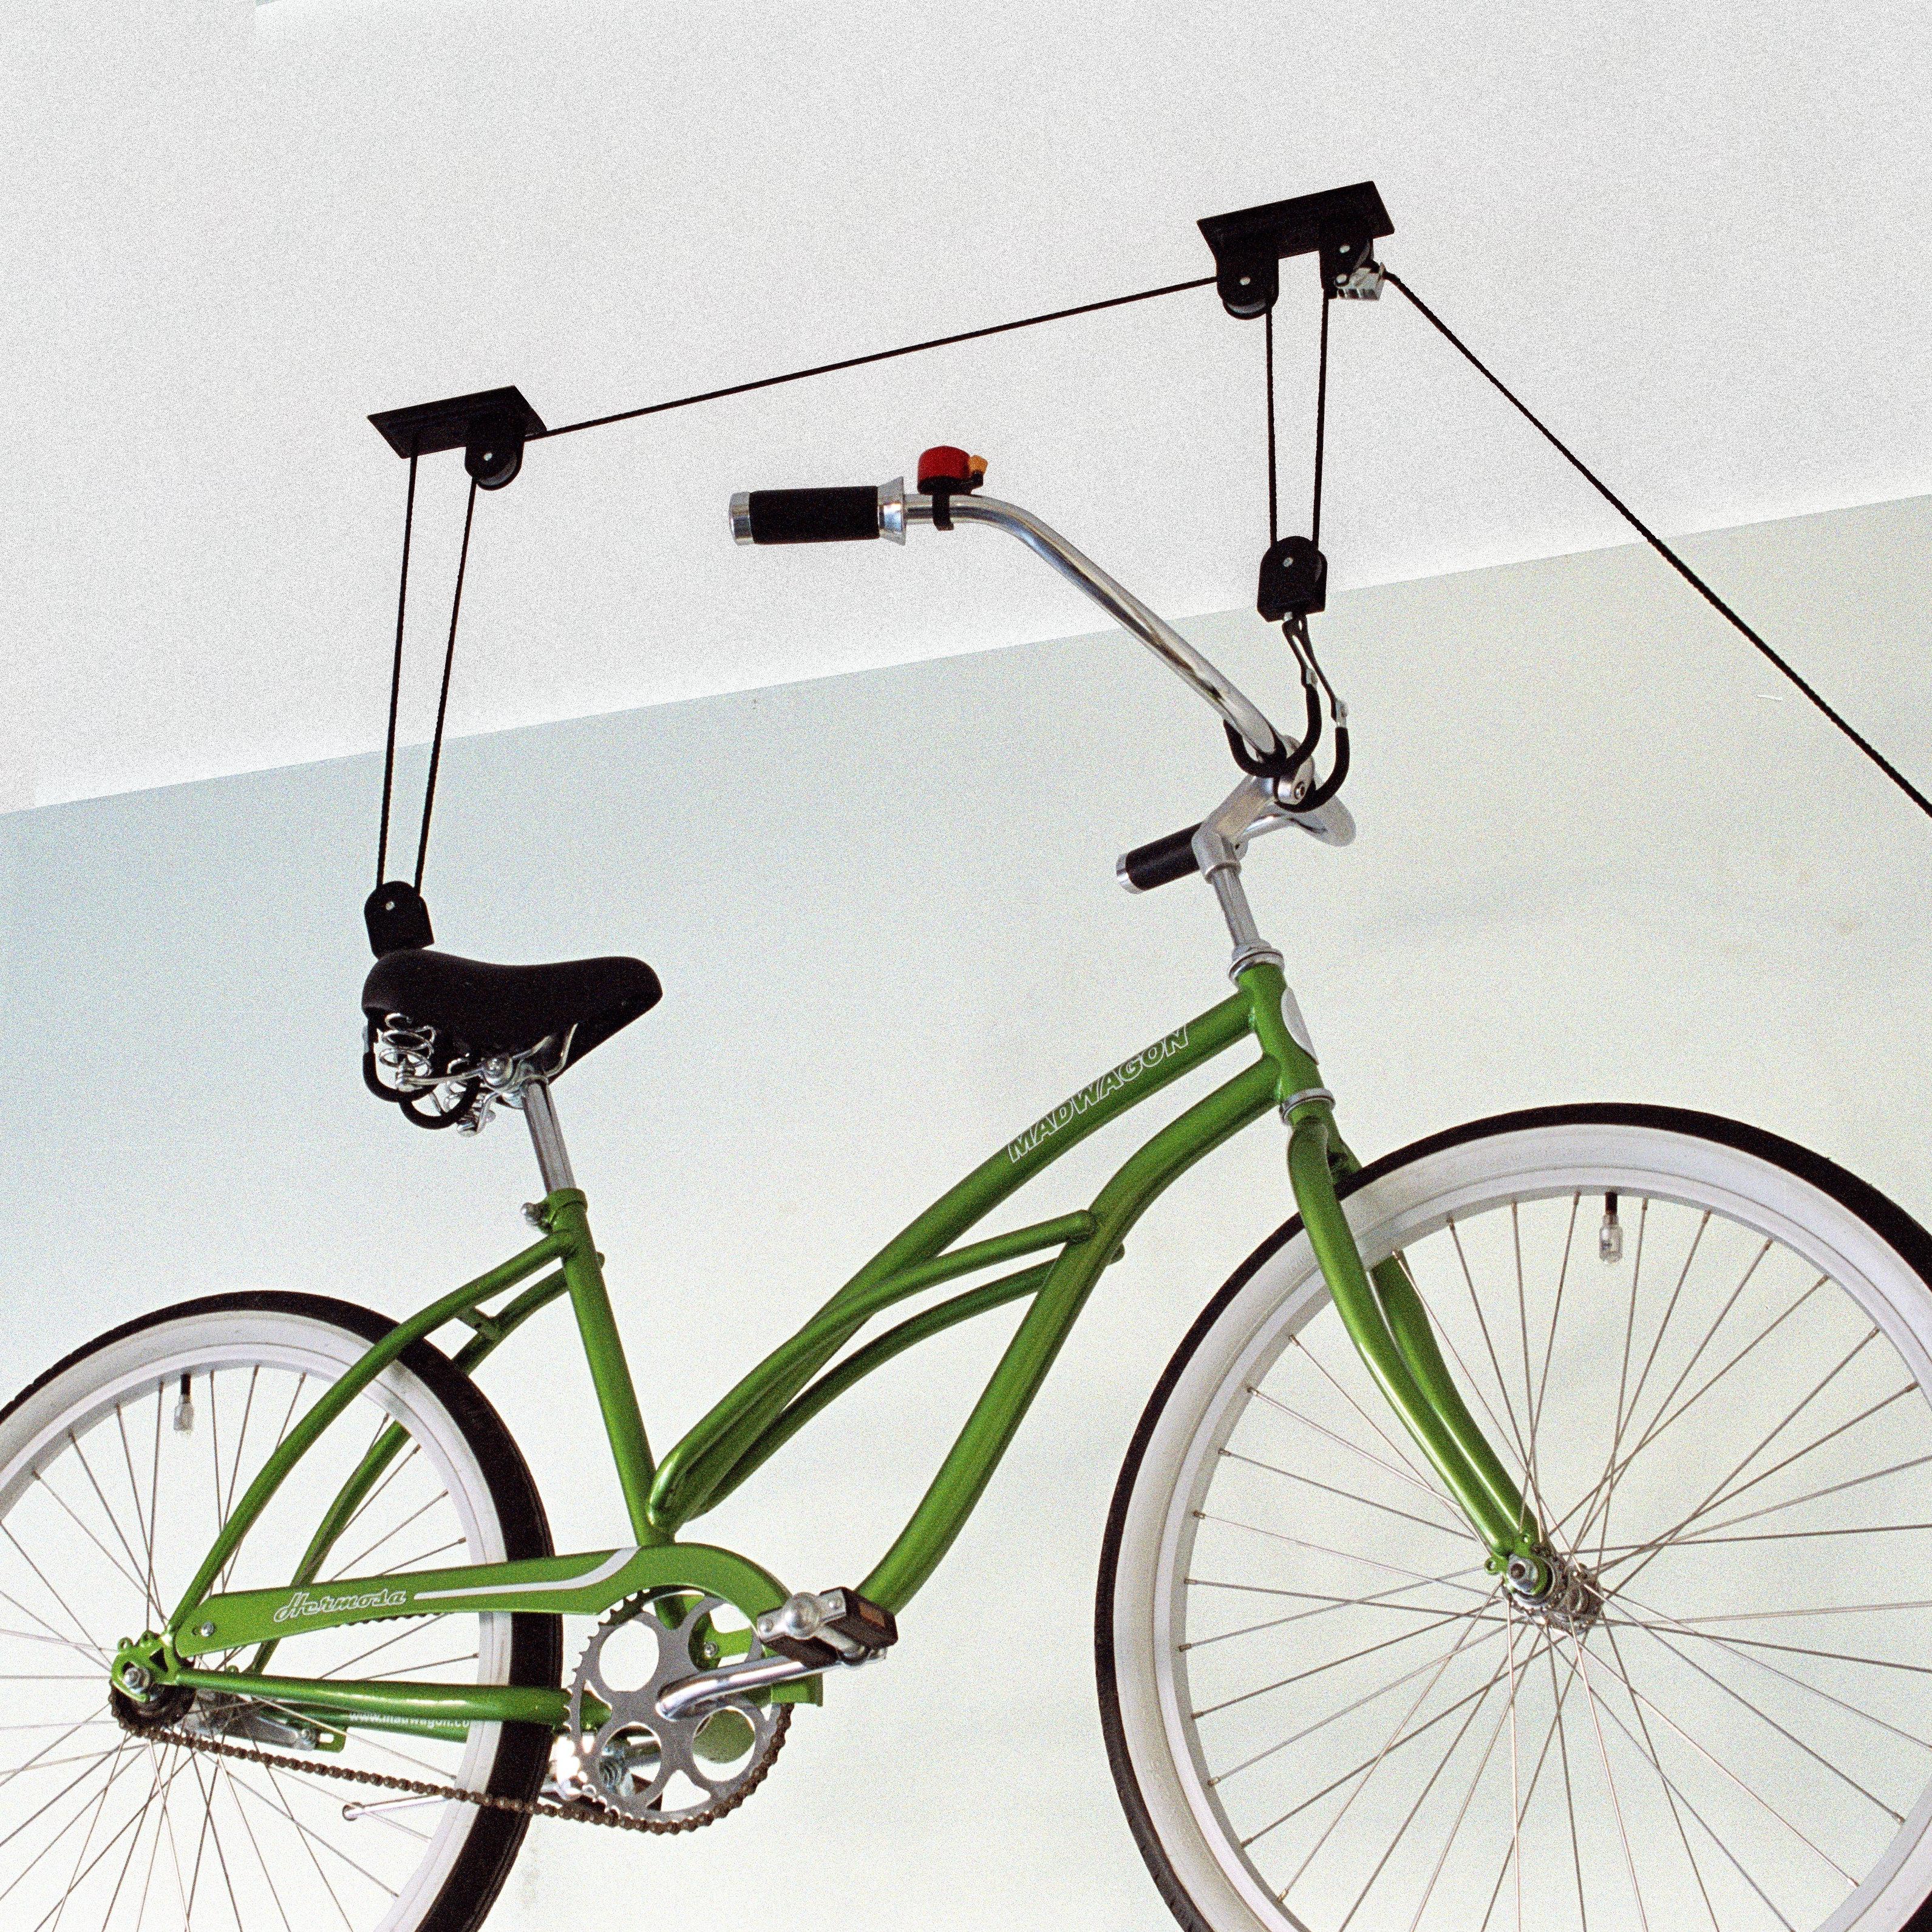 gear up inc black series up and away bike hoist system. Black Bedroom Furniture Sets. Home Design Ideas